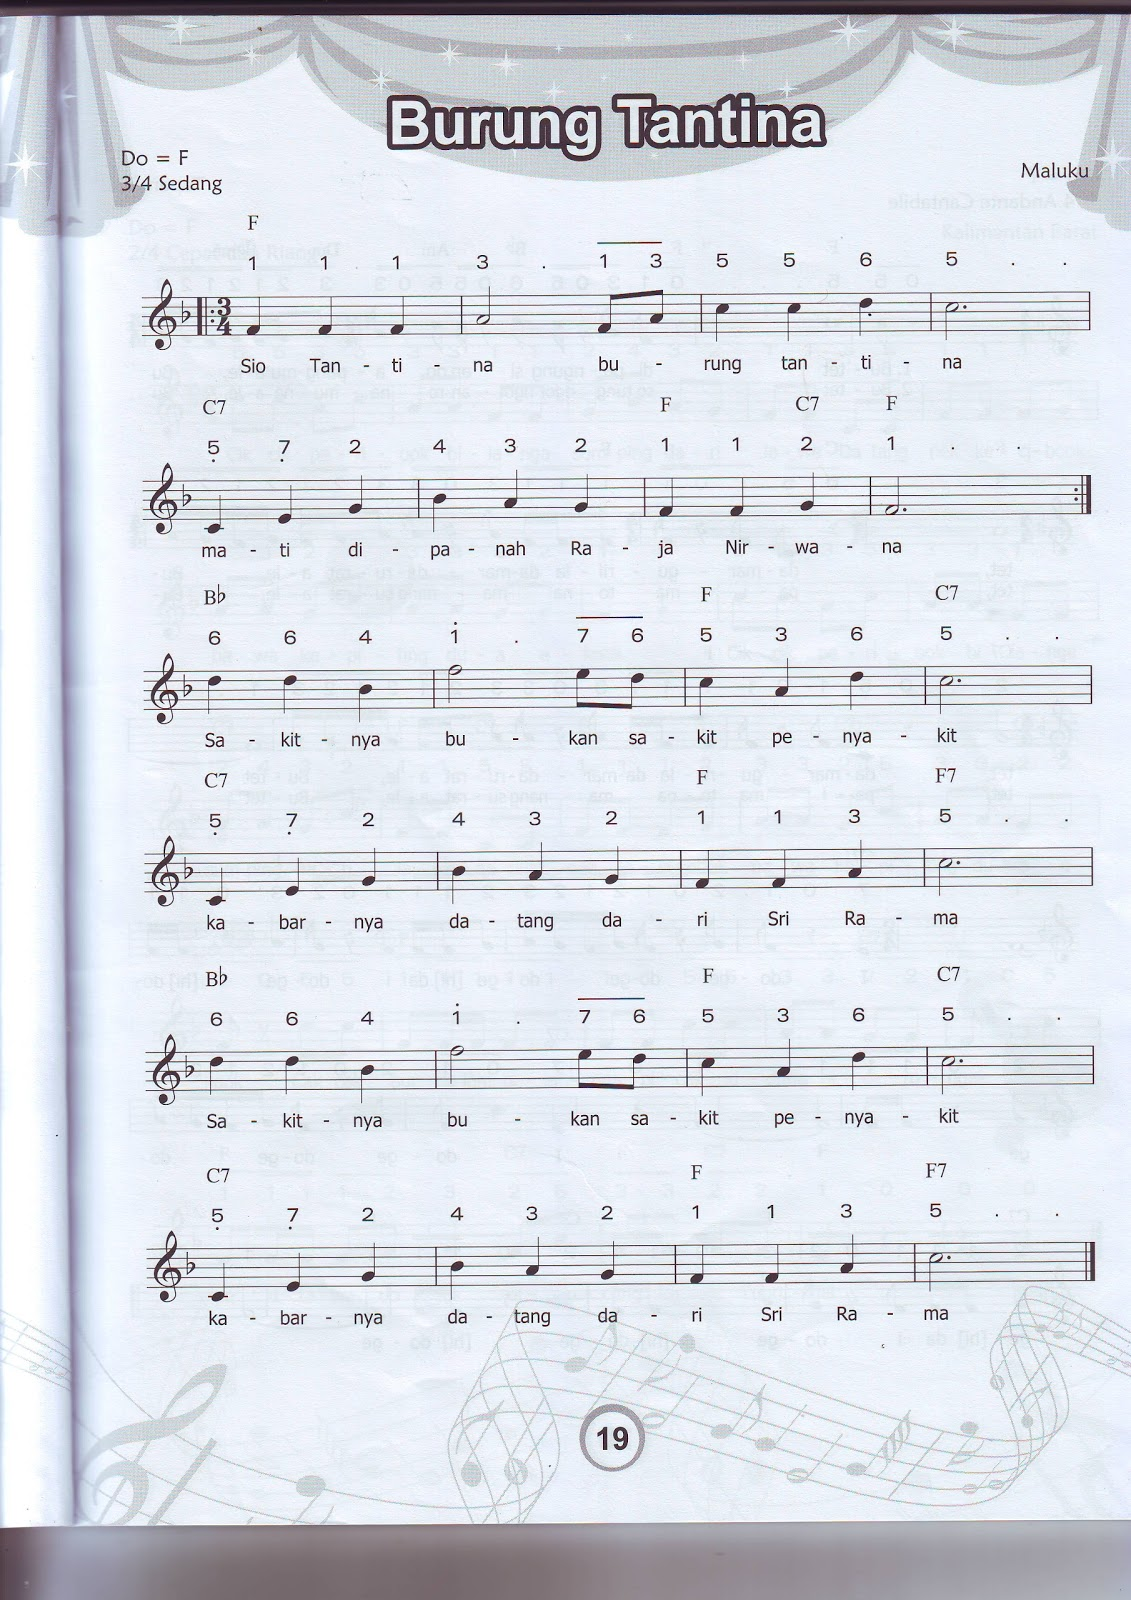 Not Angka dan Balok, Lagu: